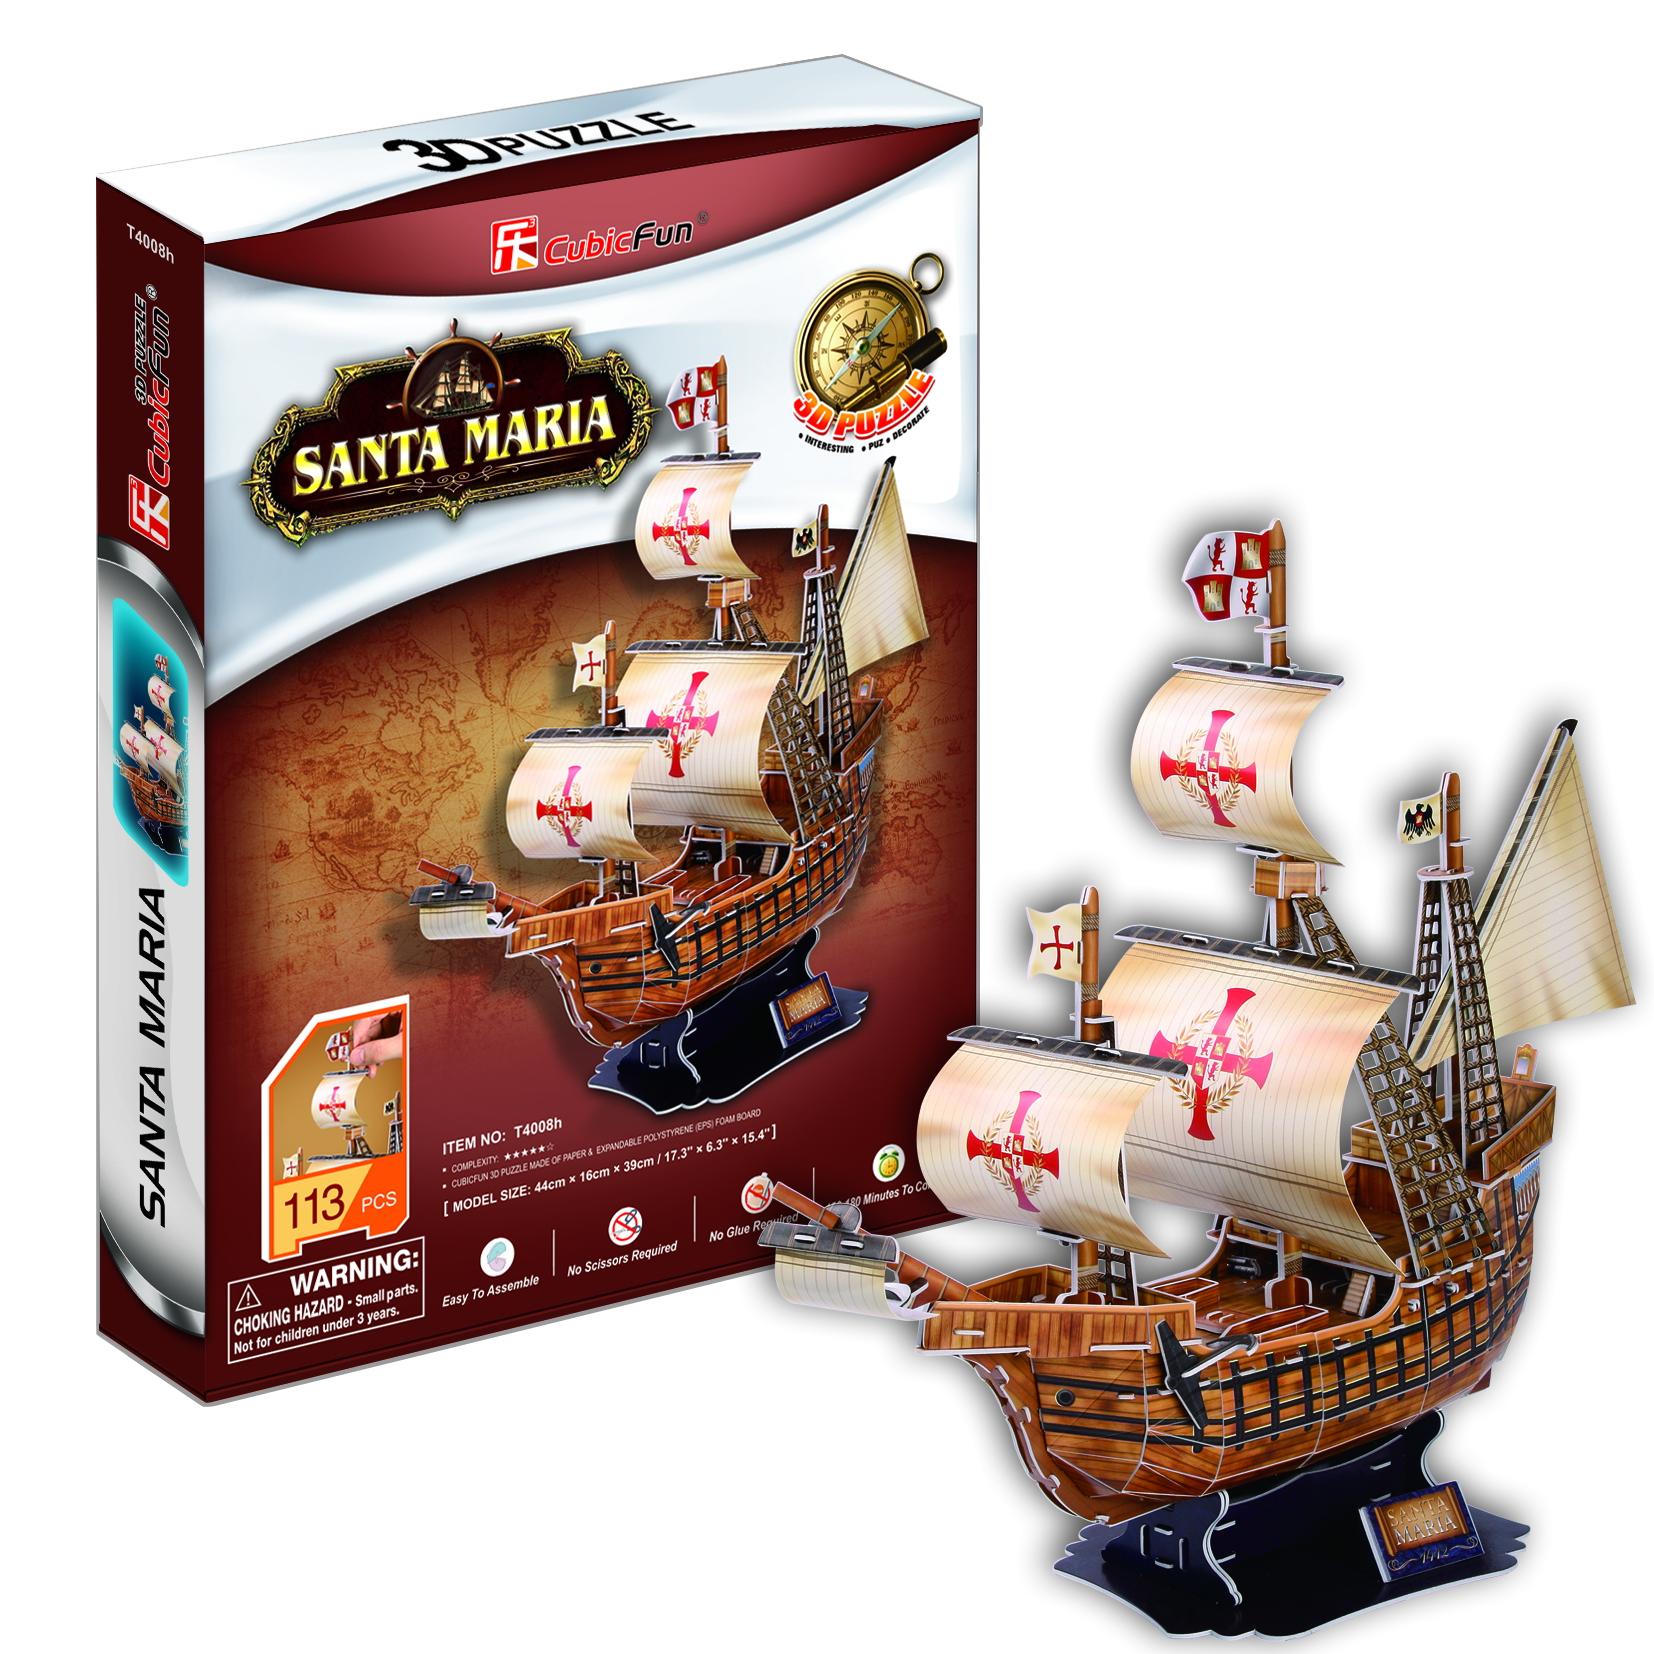 Mô Hình Giấy Cubic Fun: Tàu Santa Maria [T4008h]